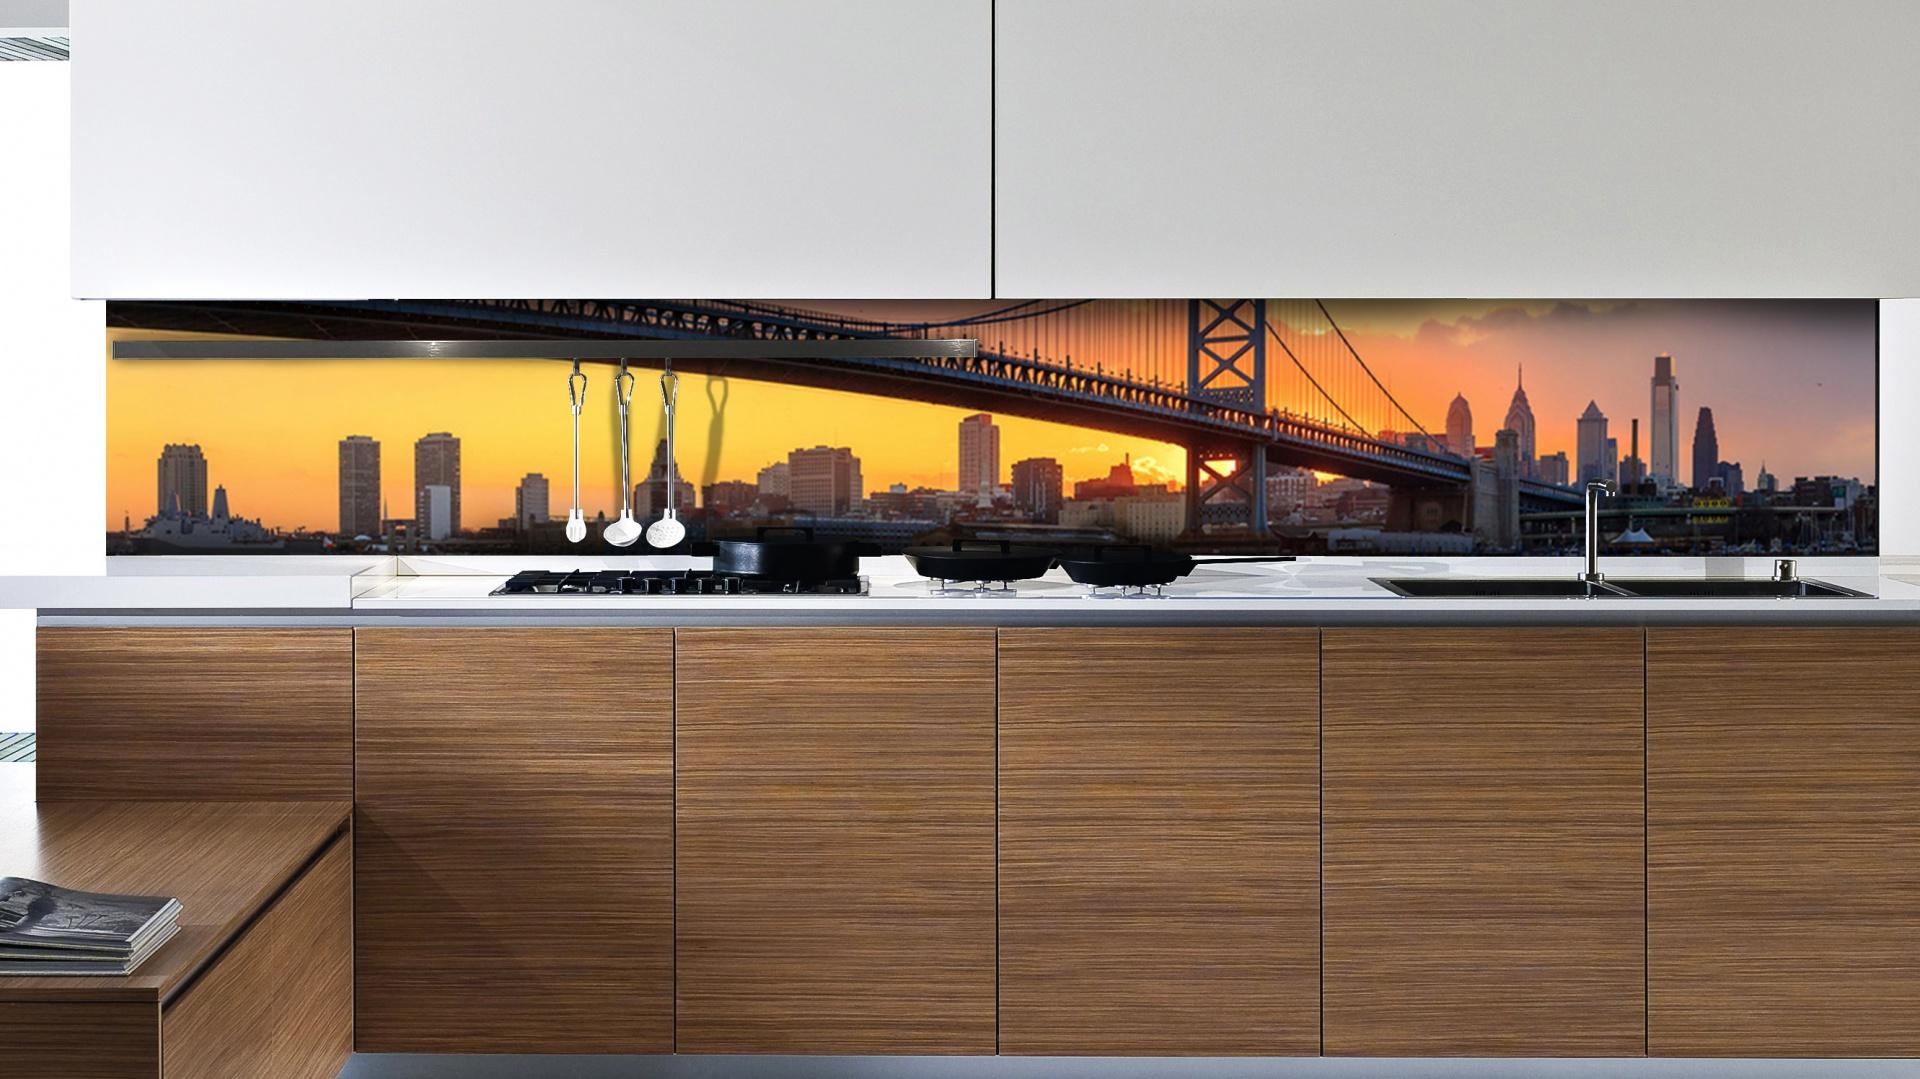 Nastrojową atmosferę w kuchni zbuduje tapeta z pięknym widokiem na sylwetki wysokich wieżowców, wyeksponowanych na tle zachodzącego słońca. Fot. Picassi.